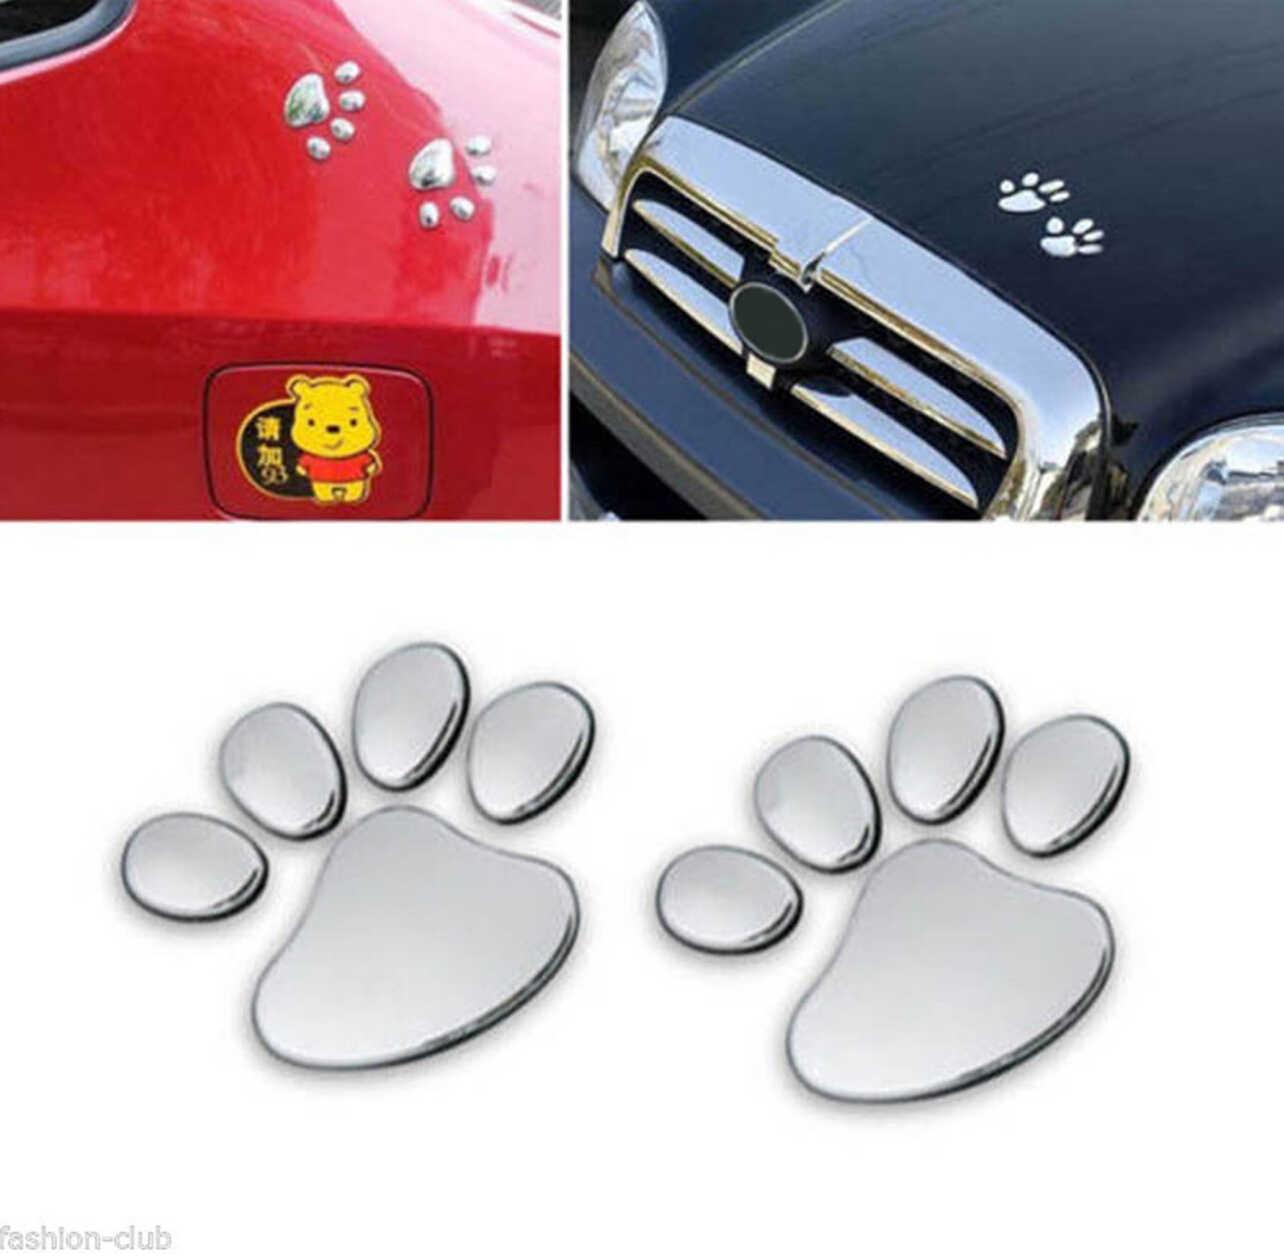 Pata Pata de Animal Etiqueta Do Carro para honda accord 2003-2007 bmw m4 opel insignia astra h vw golf 7 bmw x5 e87 e90 e60 e30